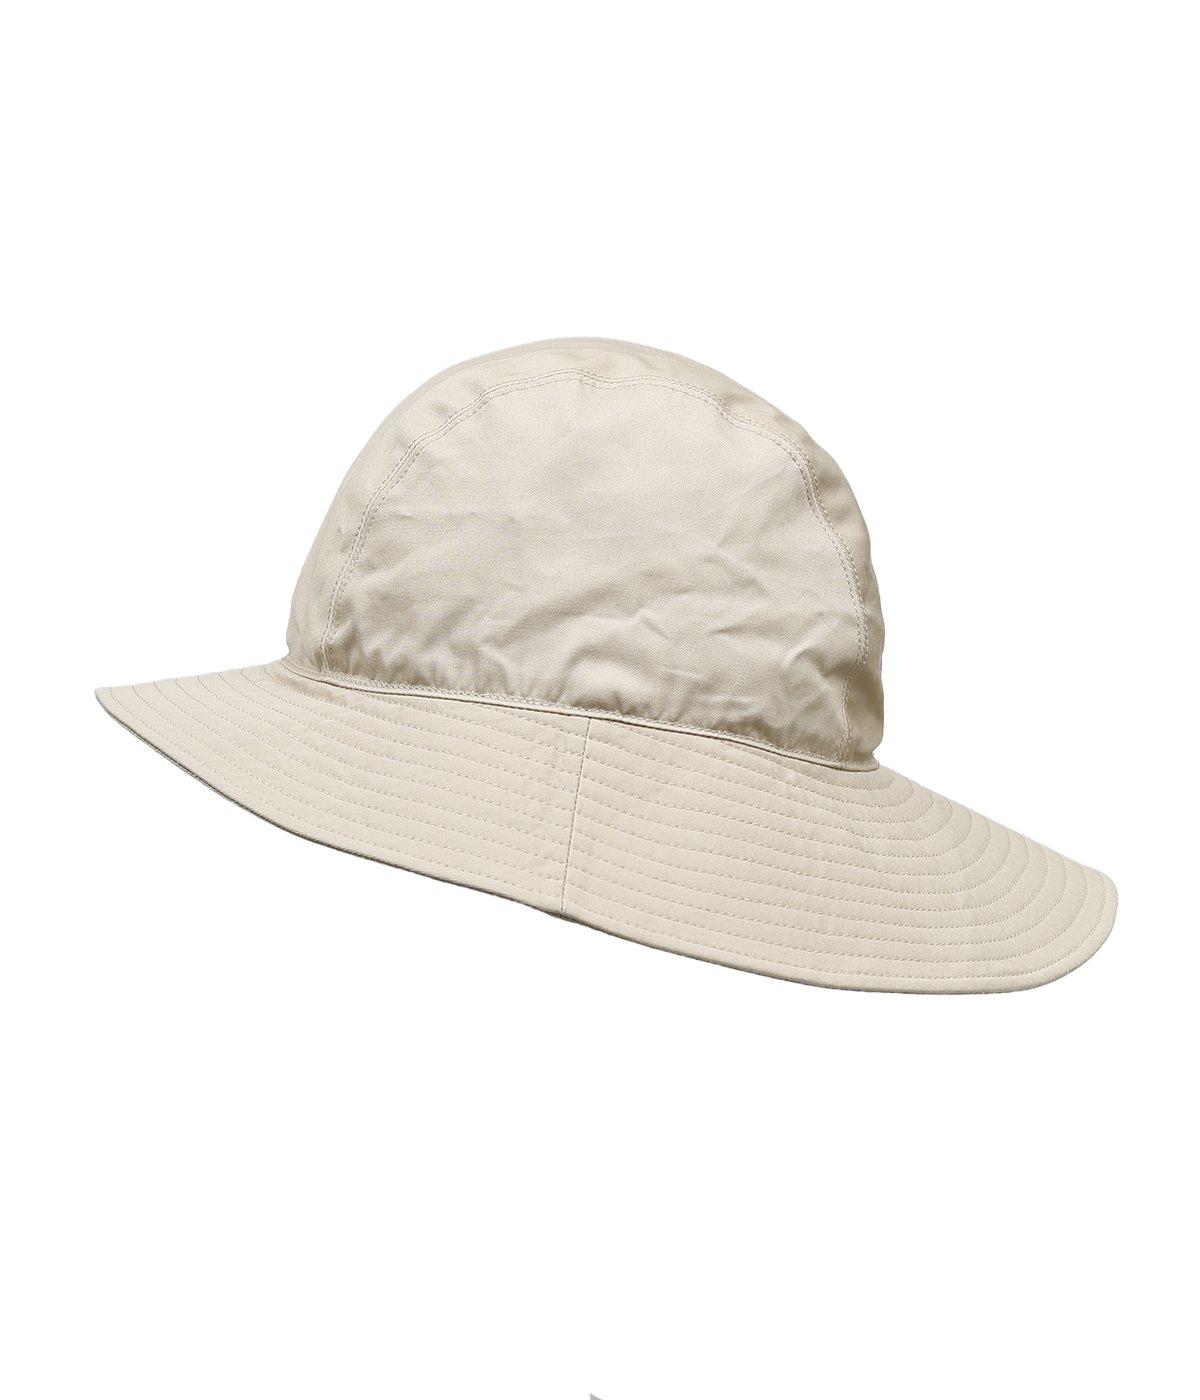 【ONLY ARK】別注 Sun Hat